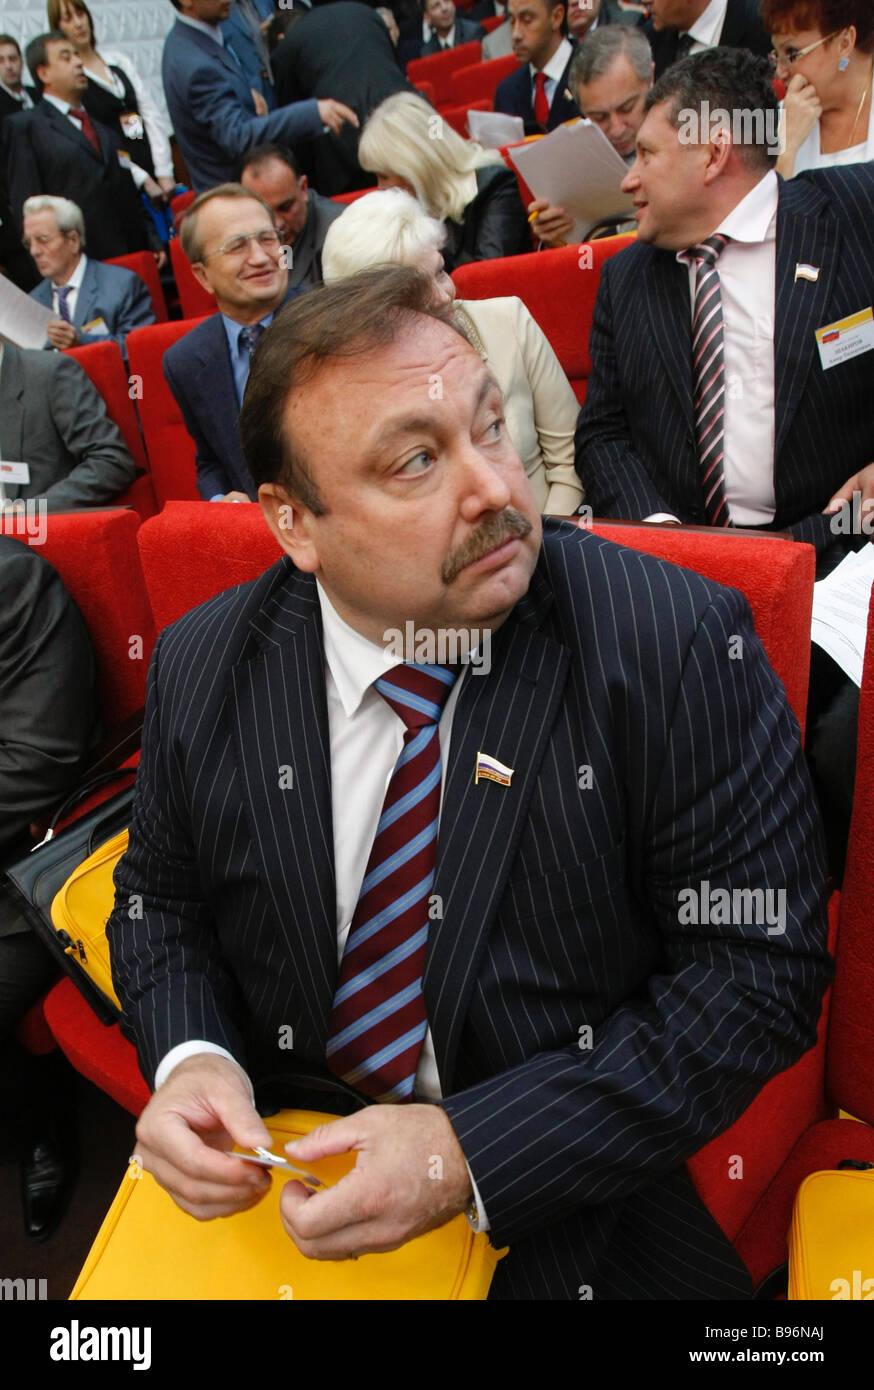 Gennady Gudkov il leader del Partito popolare partecipando ad un congresso del proprio partito in Russia Immagini Stock